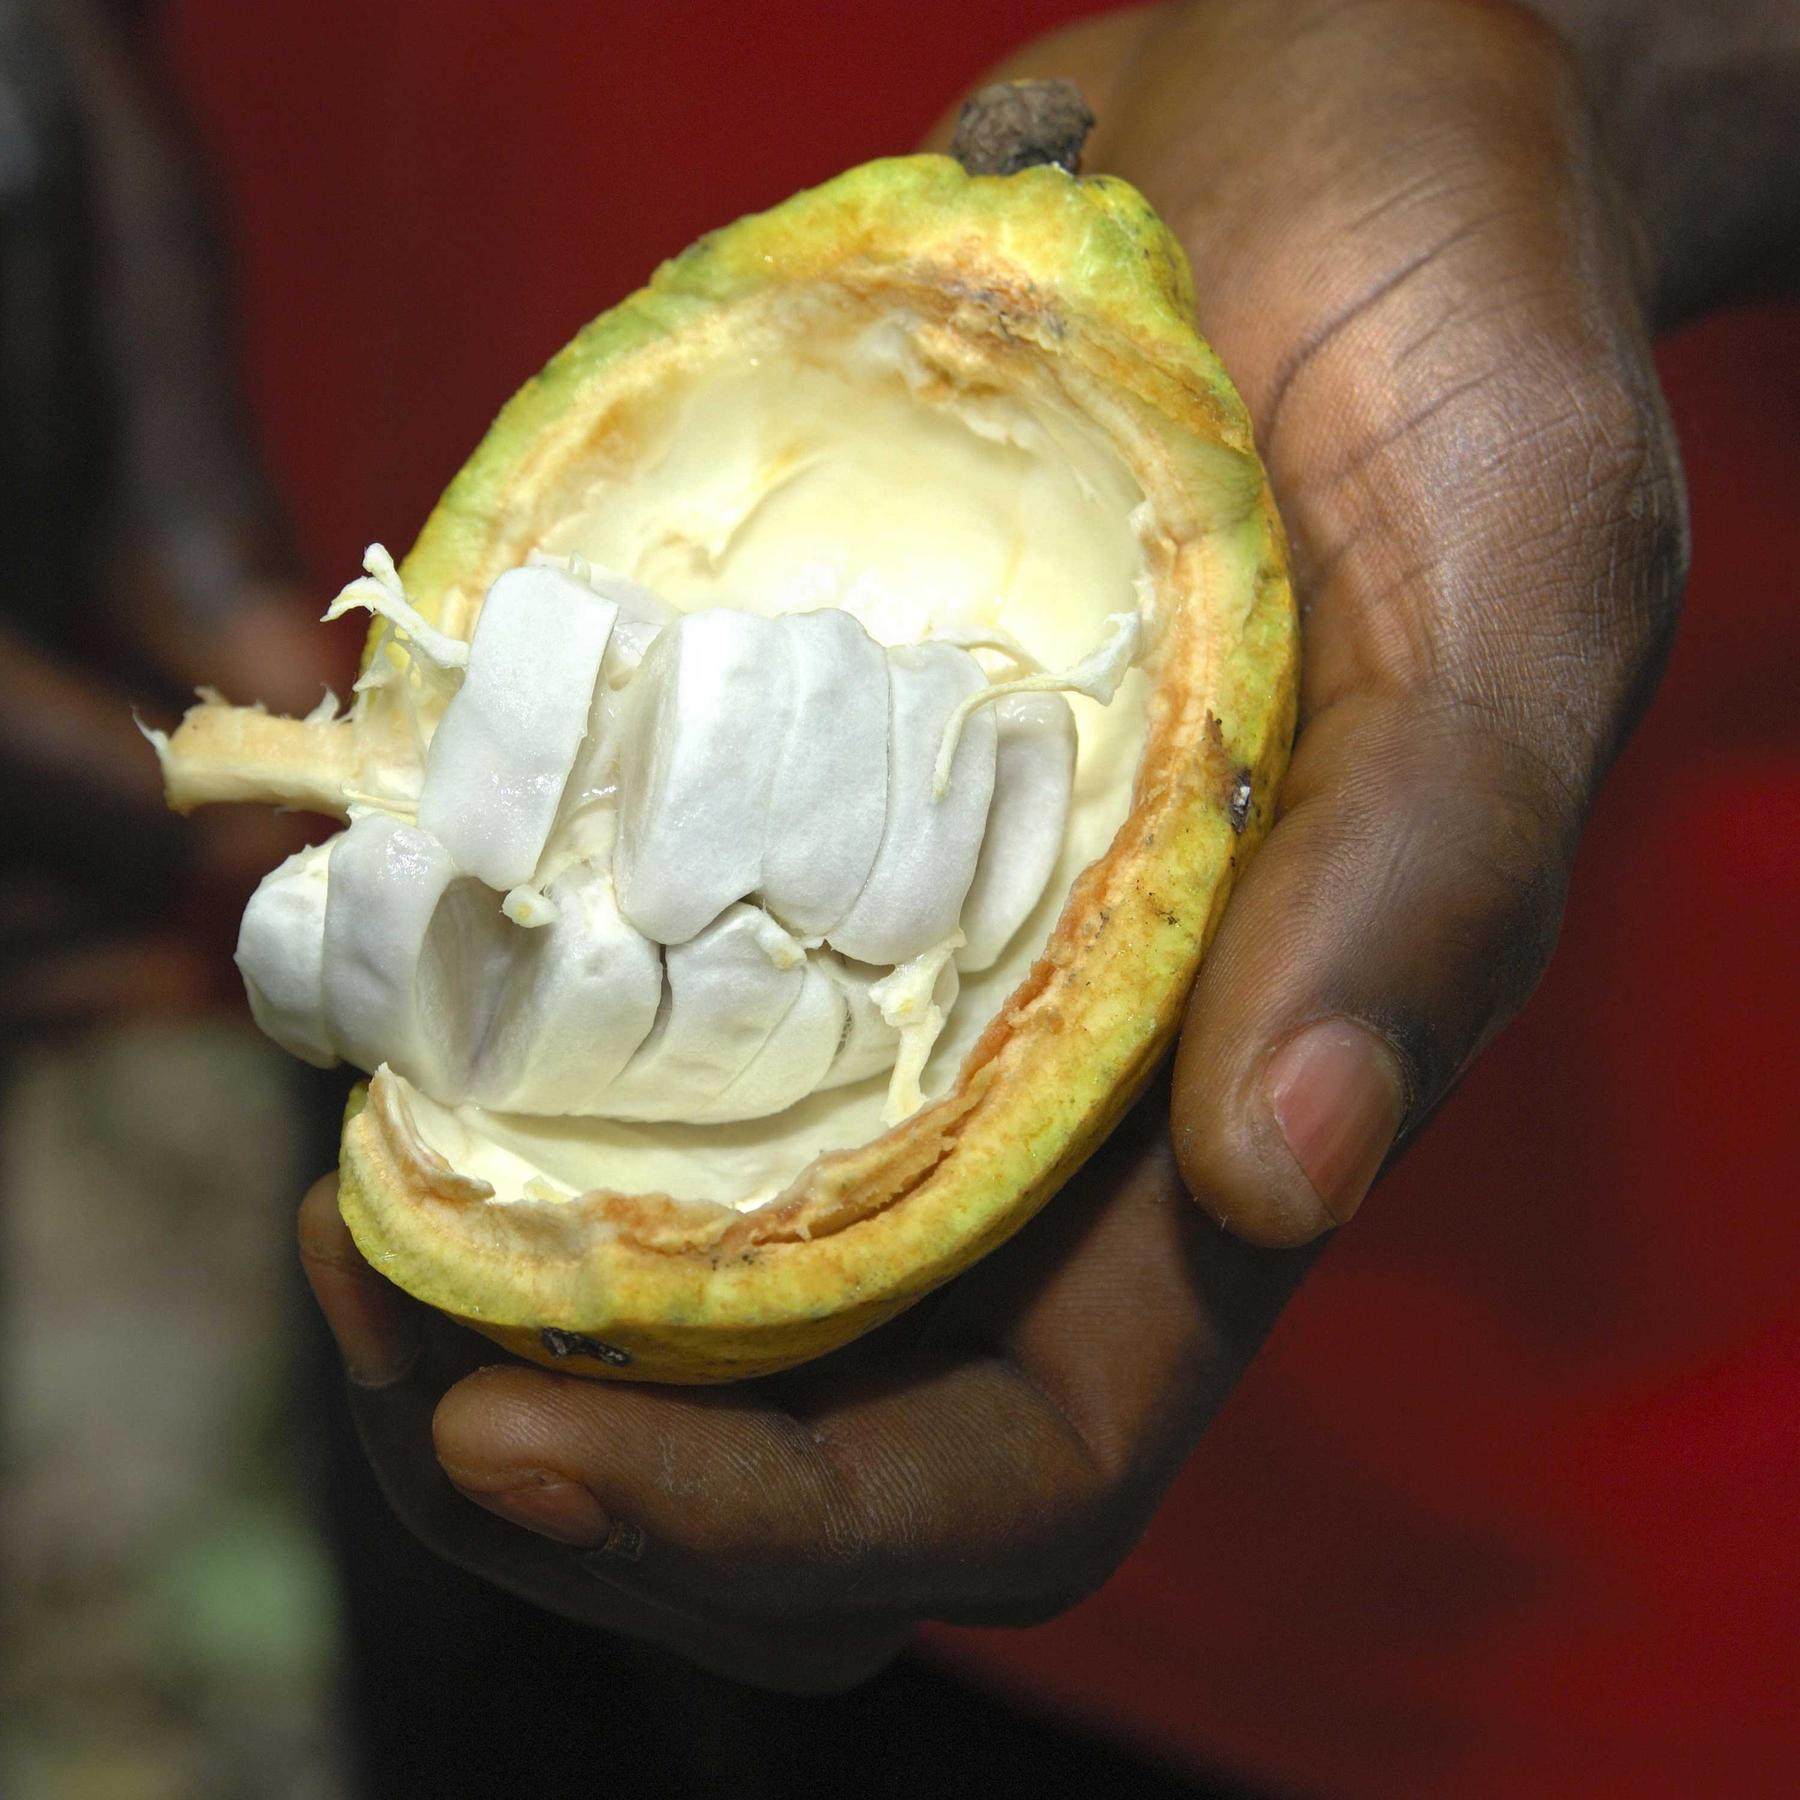 100 Prozent Kakao - Chocolatiers ersetzen Zucker durch Kakaofruchtfleisch